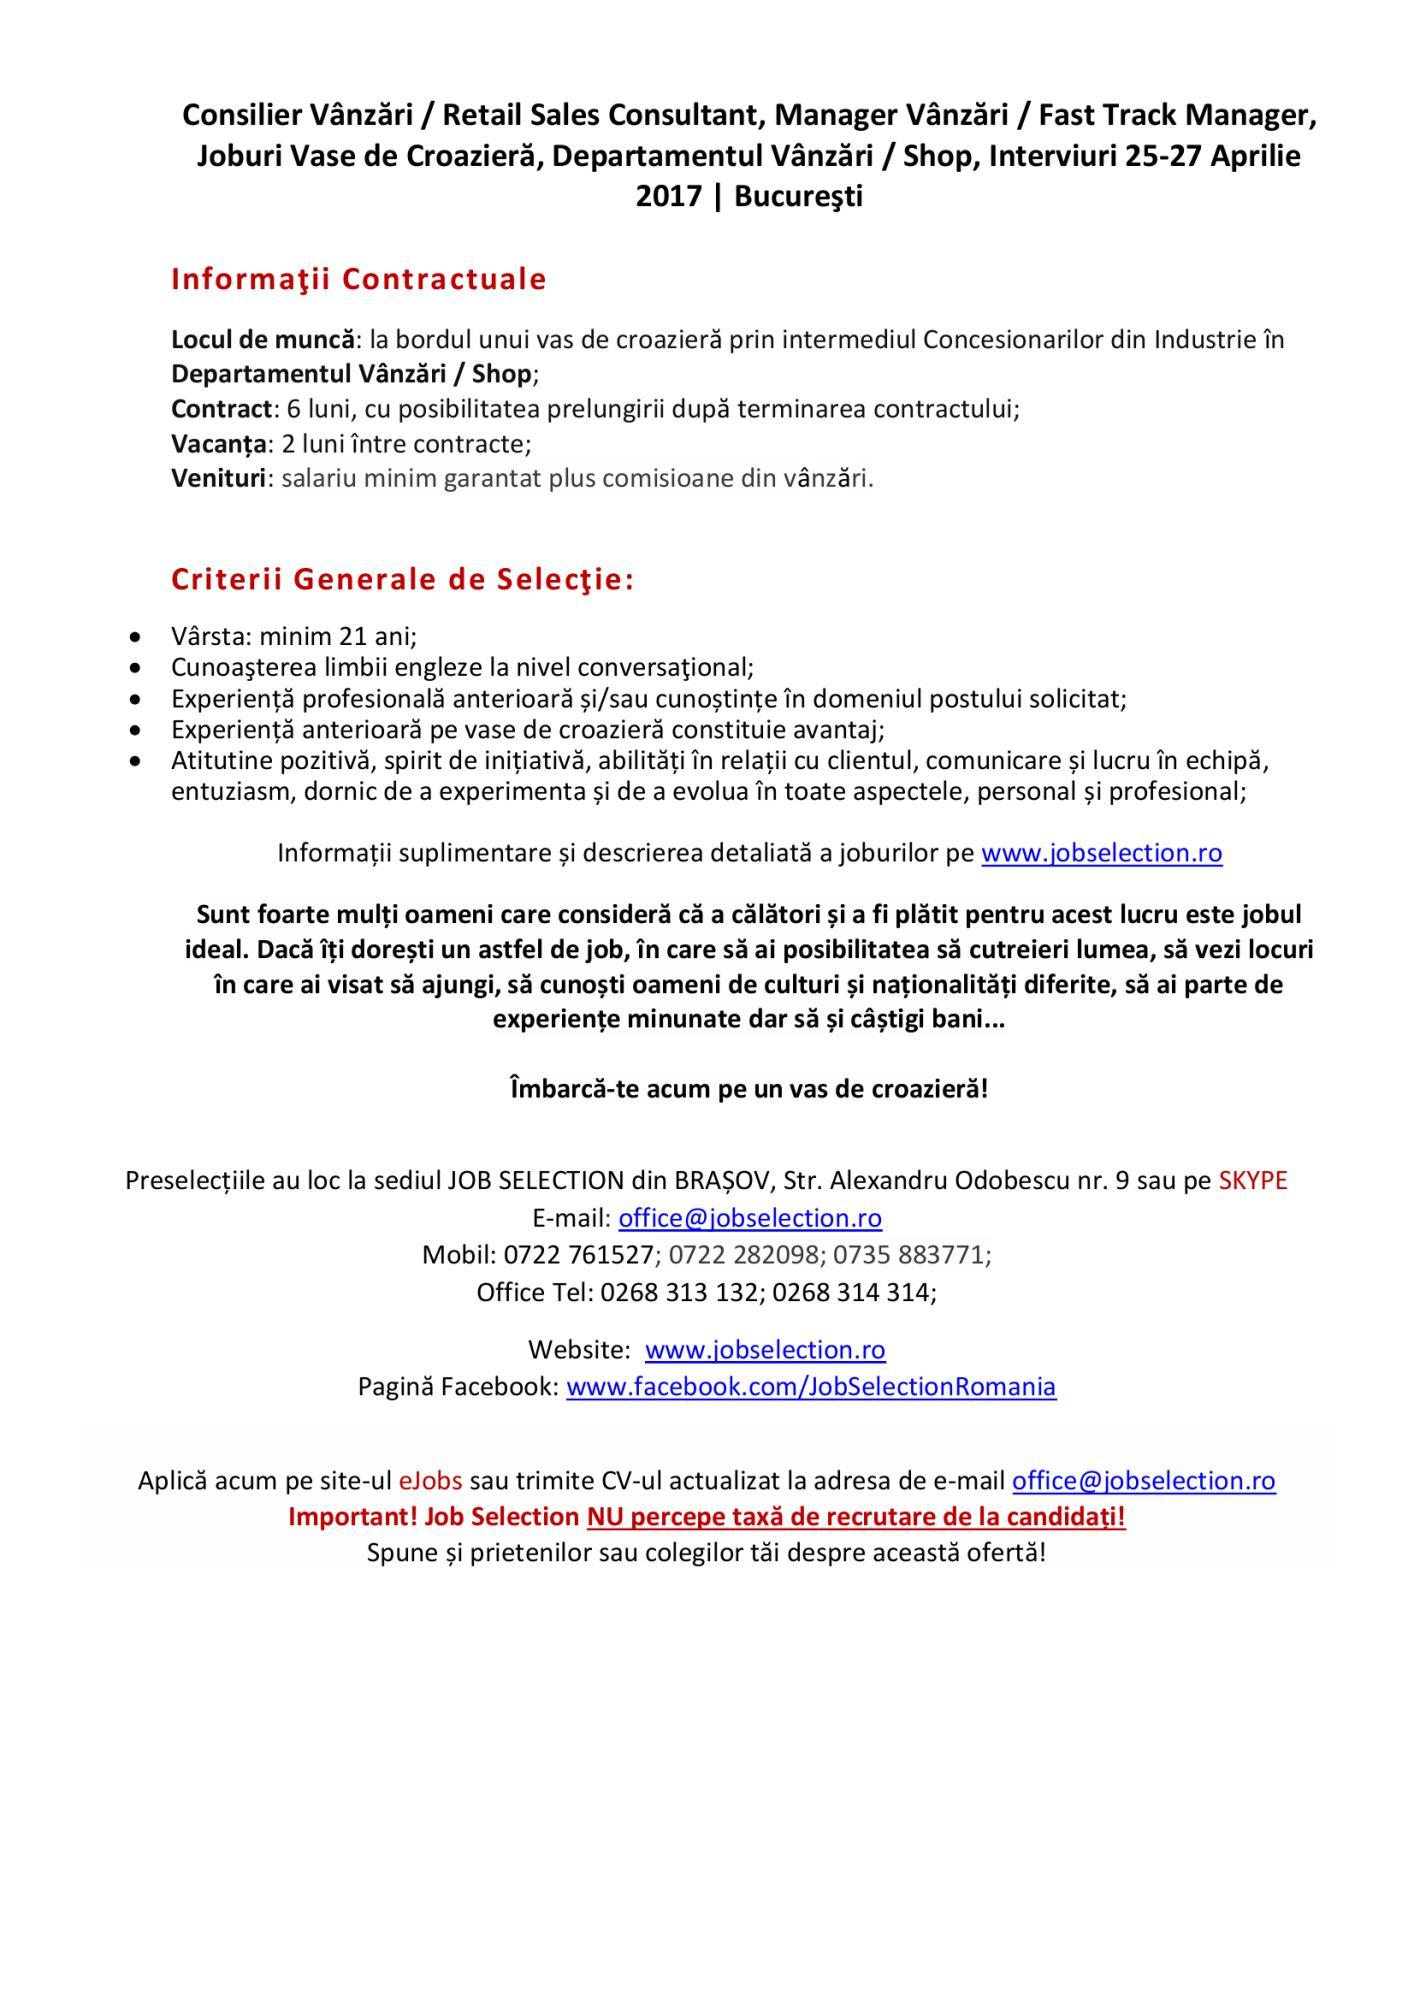 Consilier Vânzări / Retail Sales Consultant, Manager Vânzări / Fast Track Manager, Joburi Vase de Croazieră, Departamentul Vânzări / Shop, Interviuri 25-27 Aprilie 2017 | Bucureşti